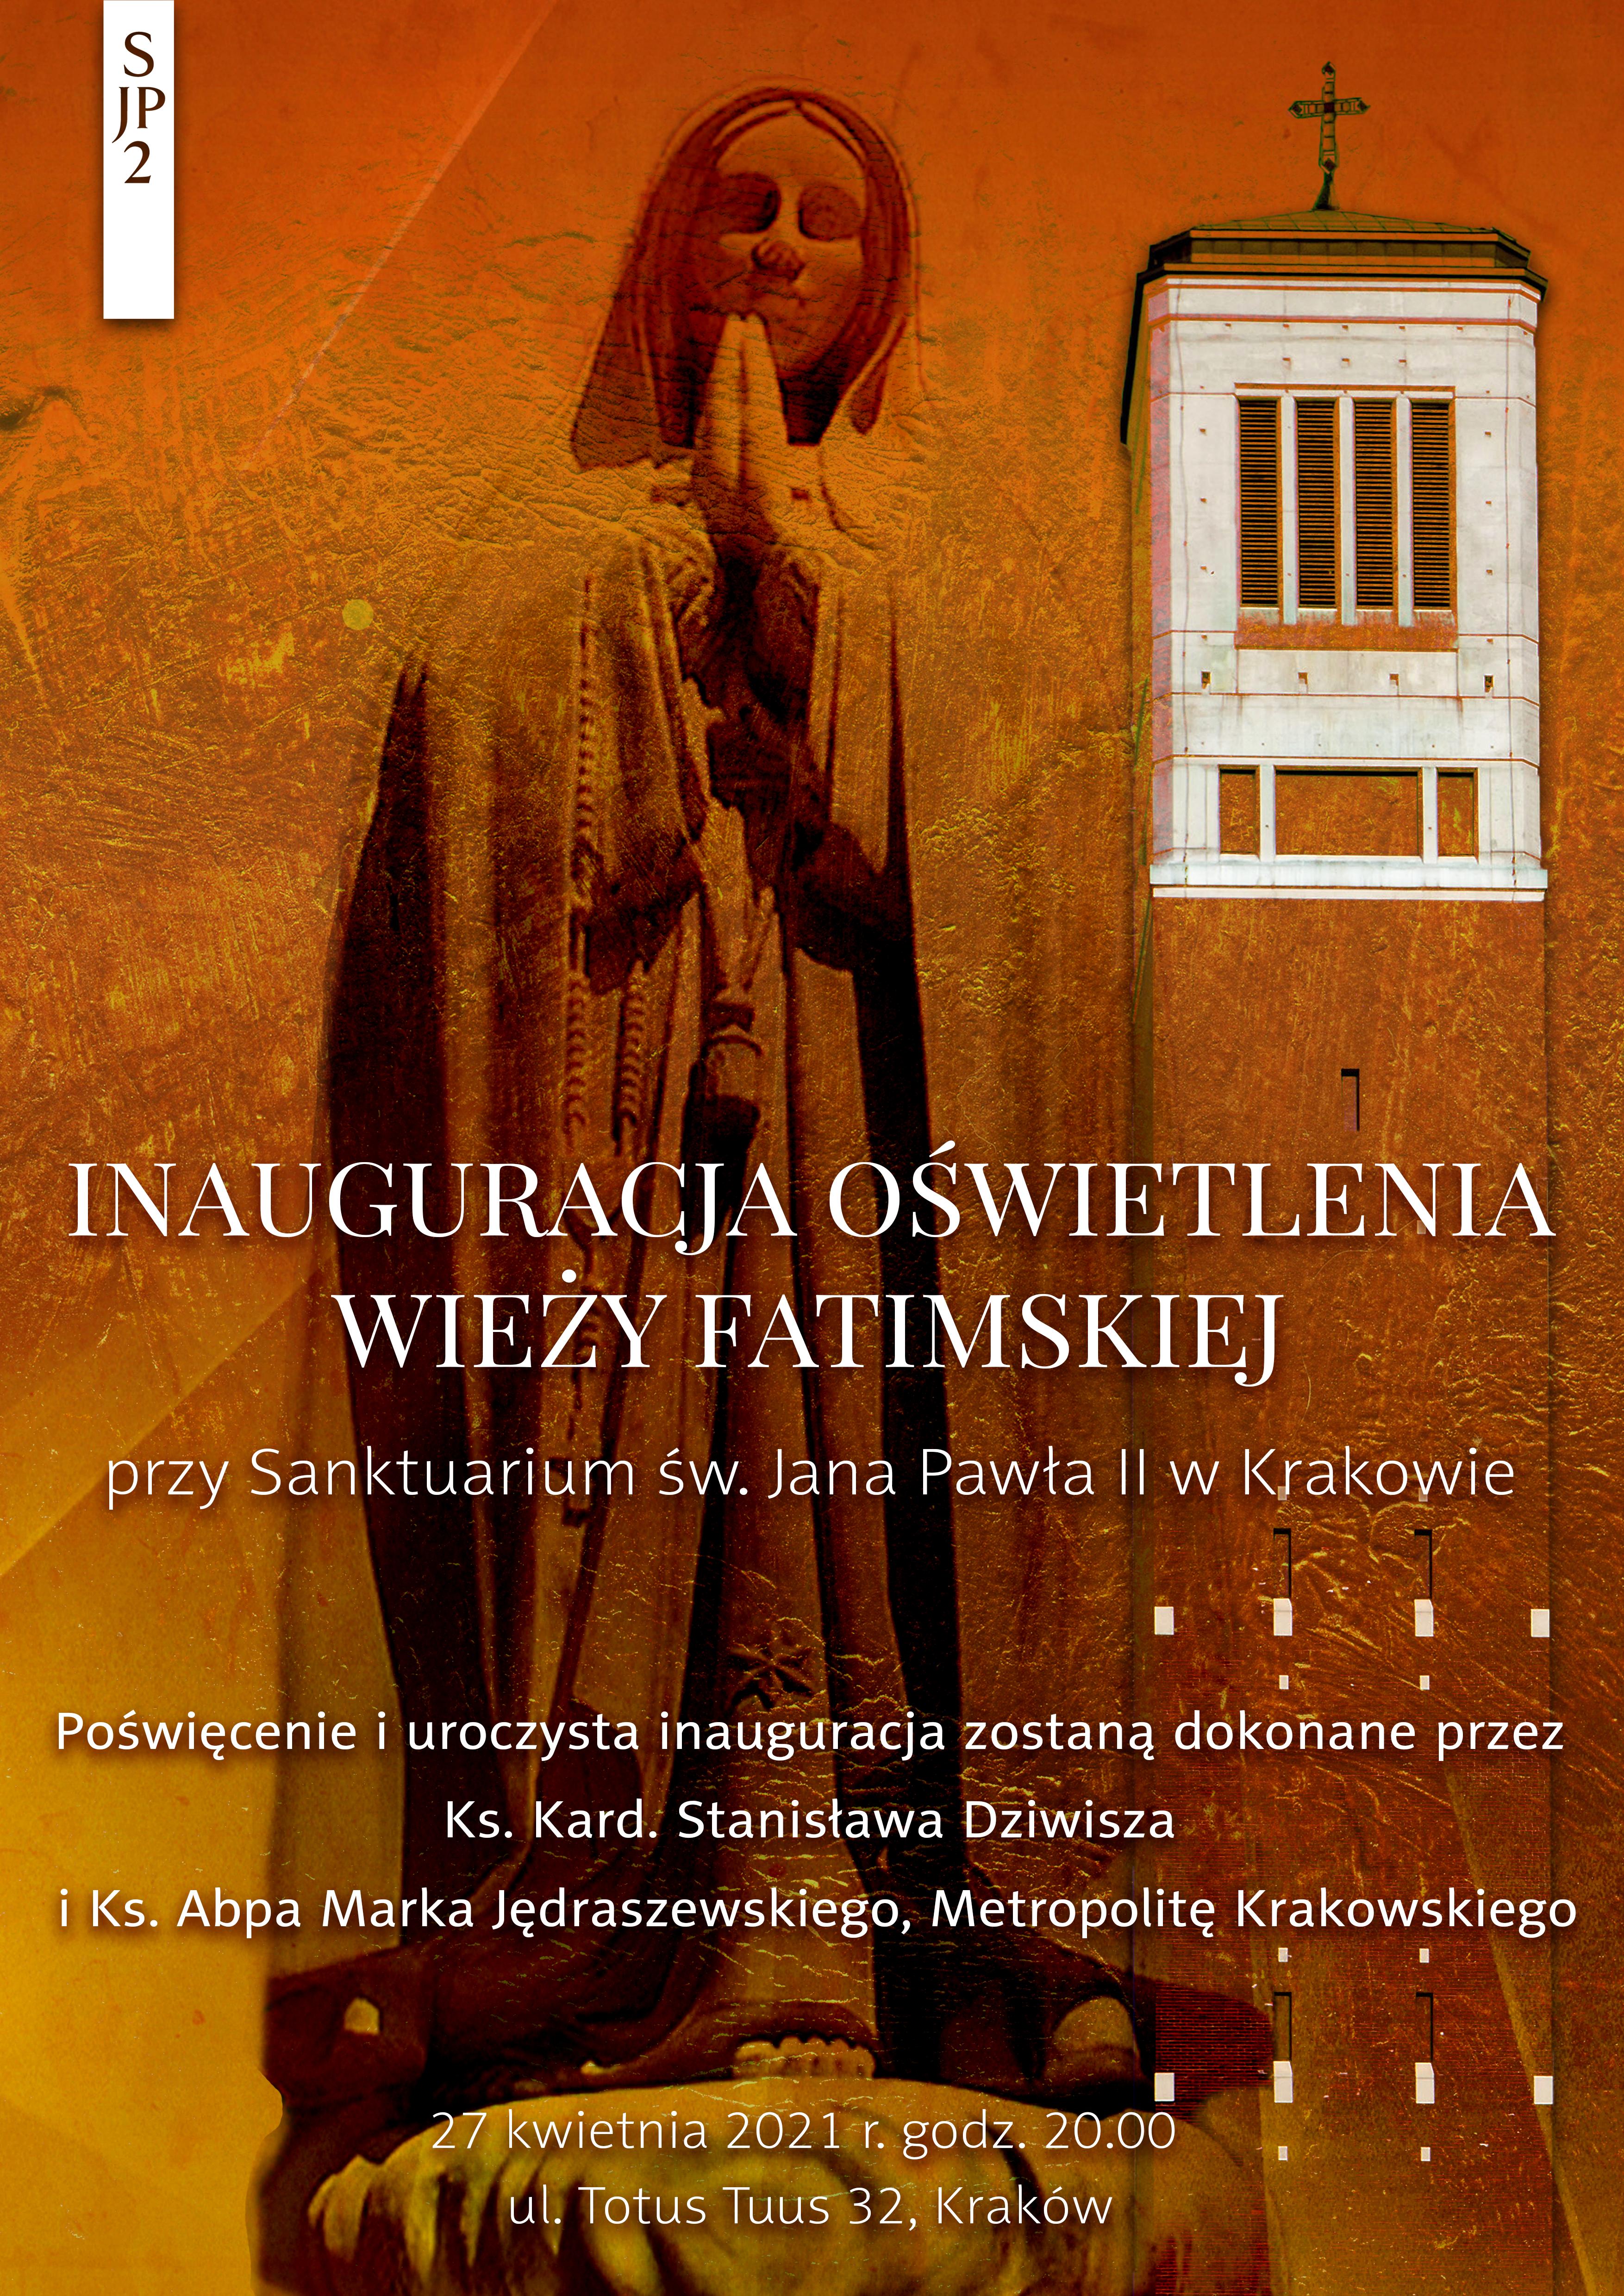 Inauguracja oświetlenia Wieży Fatimskiej przy Sanktuarium św. Jana Pawła II w Krakowie